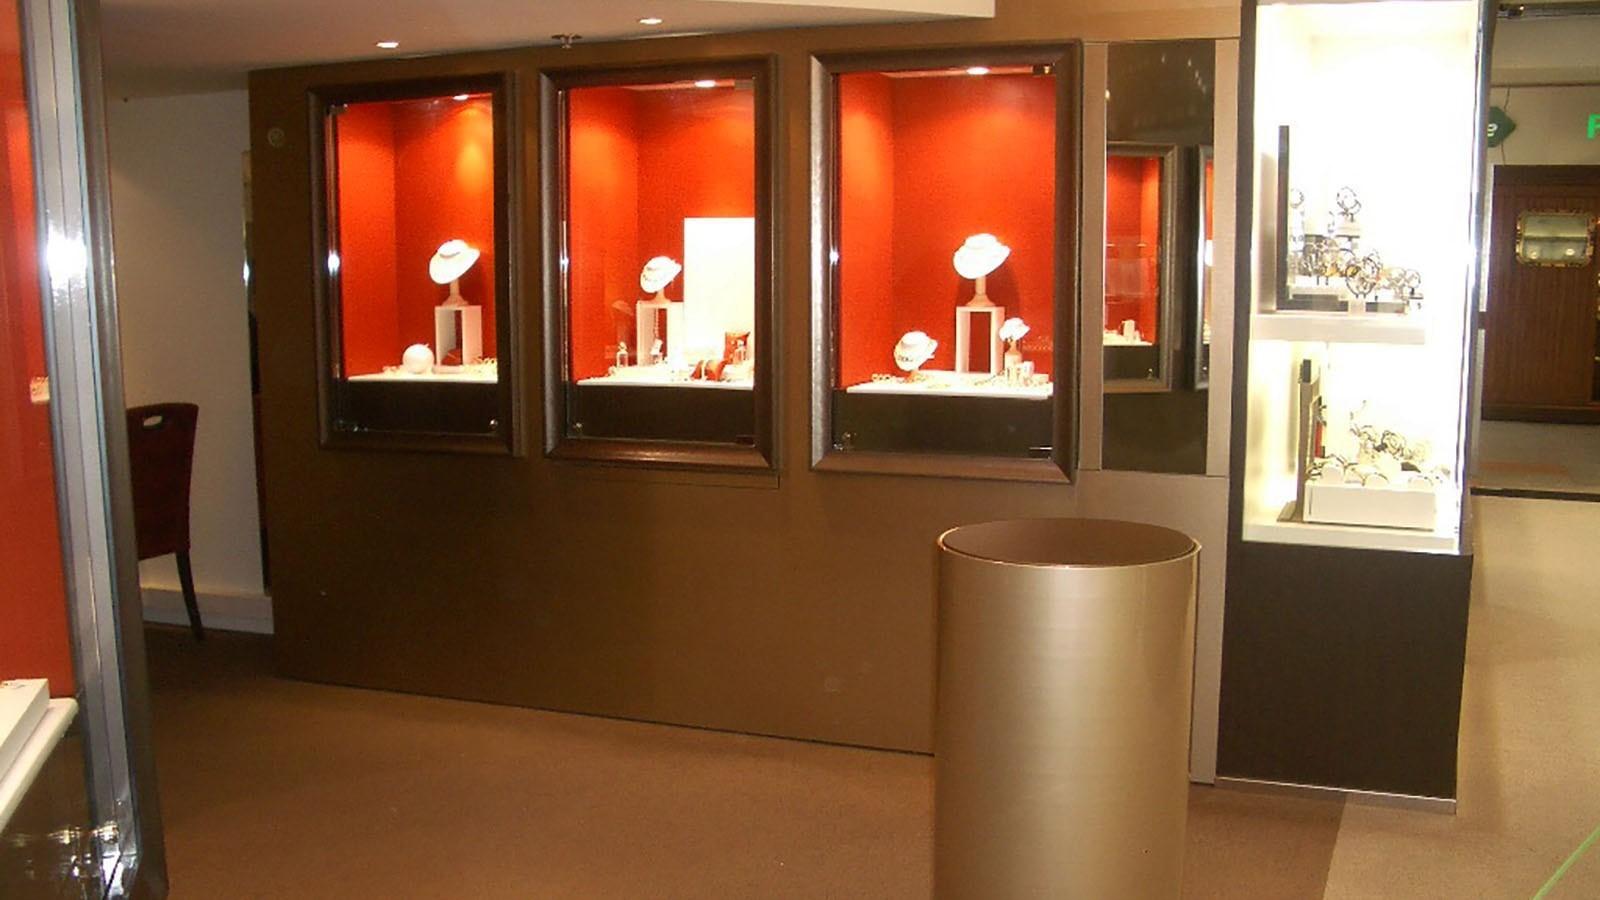 Bijouterie Langevin Perrier Rennes Efi Design (7)